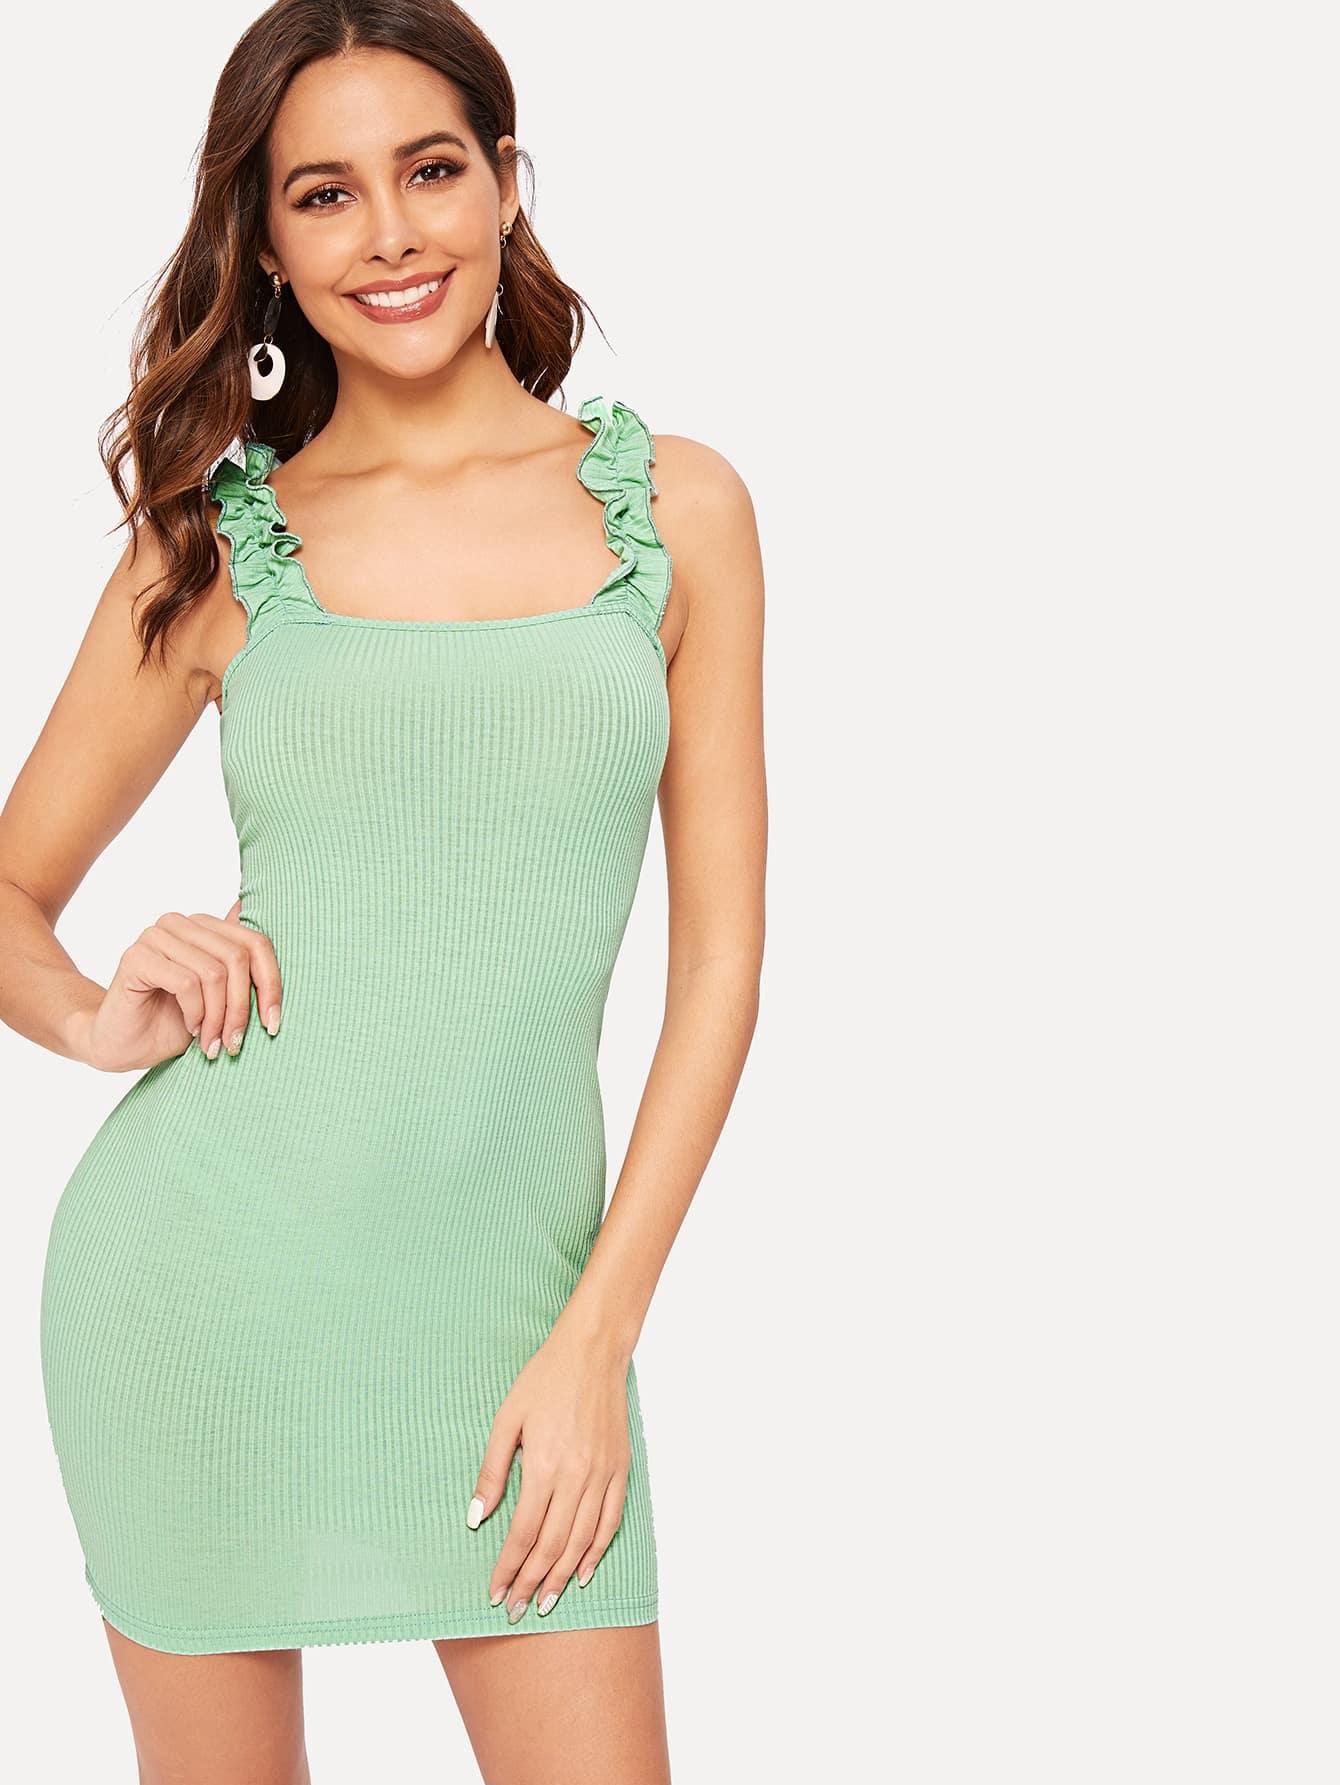 Купить Облегающее трикотажное платье на бретелях с оборками, Giulia, SheIn